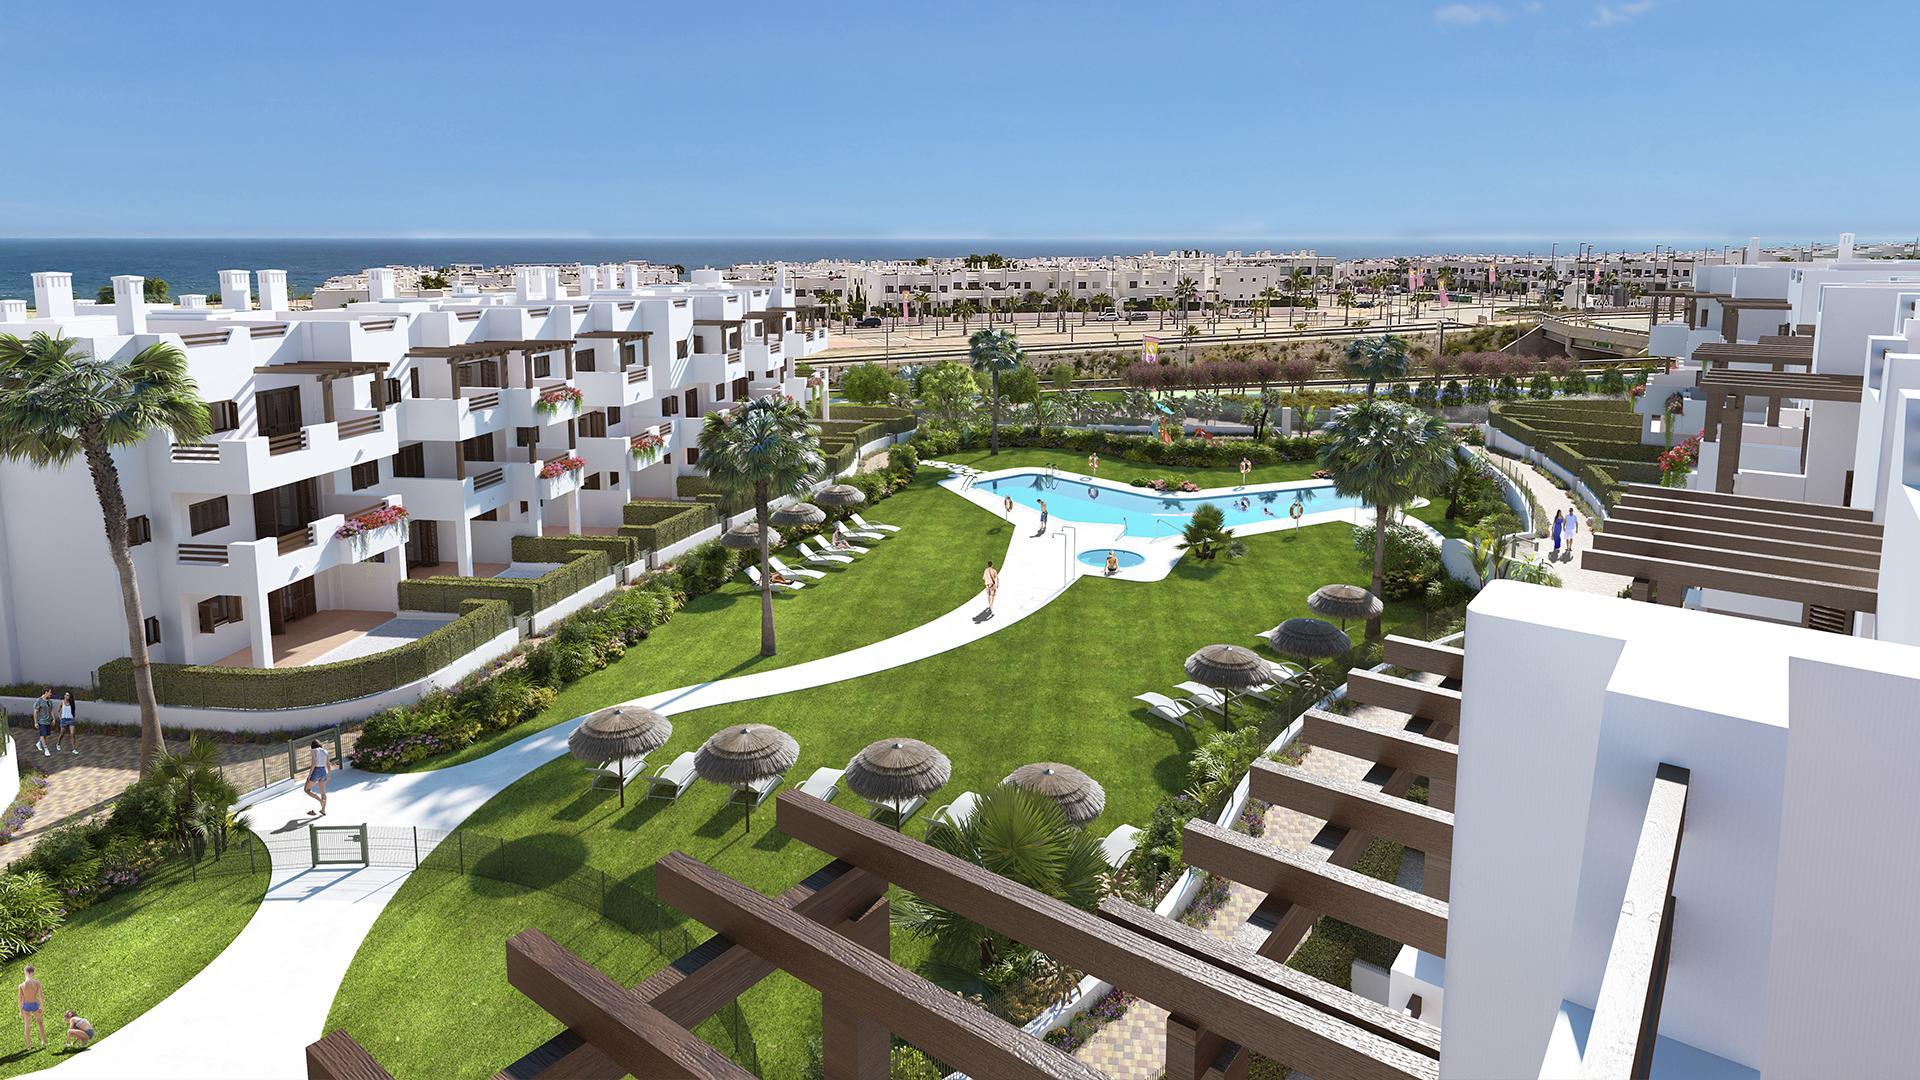 Gelijkvloers appartement met tuin in Mar de Pulpi in Medvilla Spanje